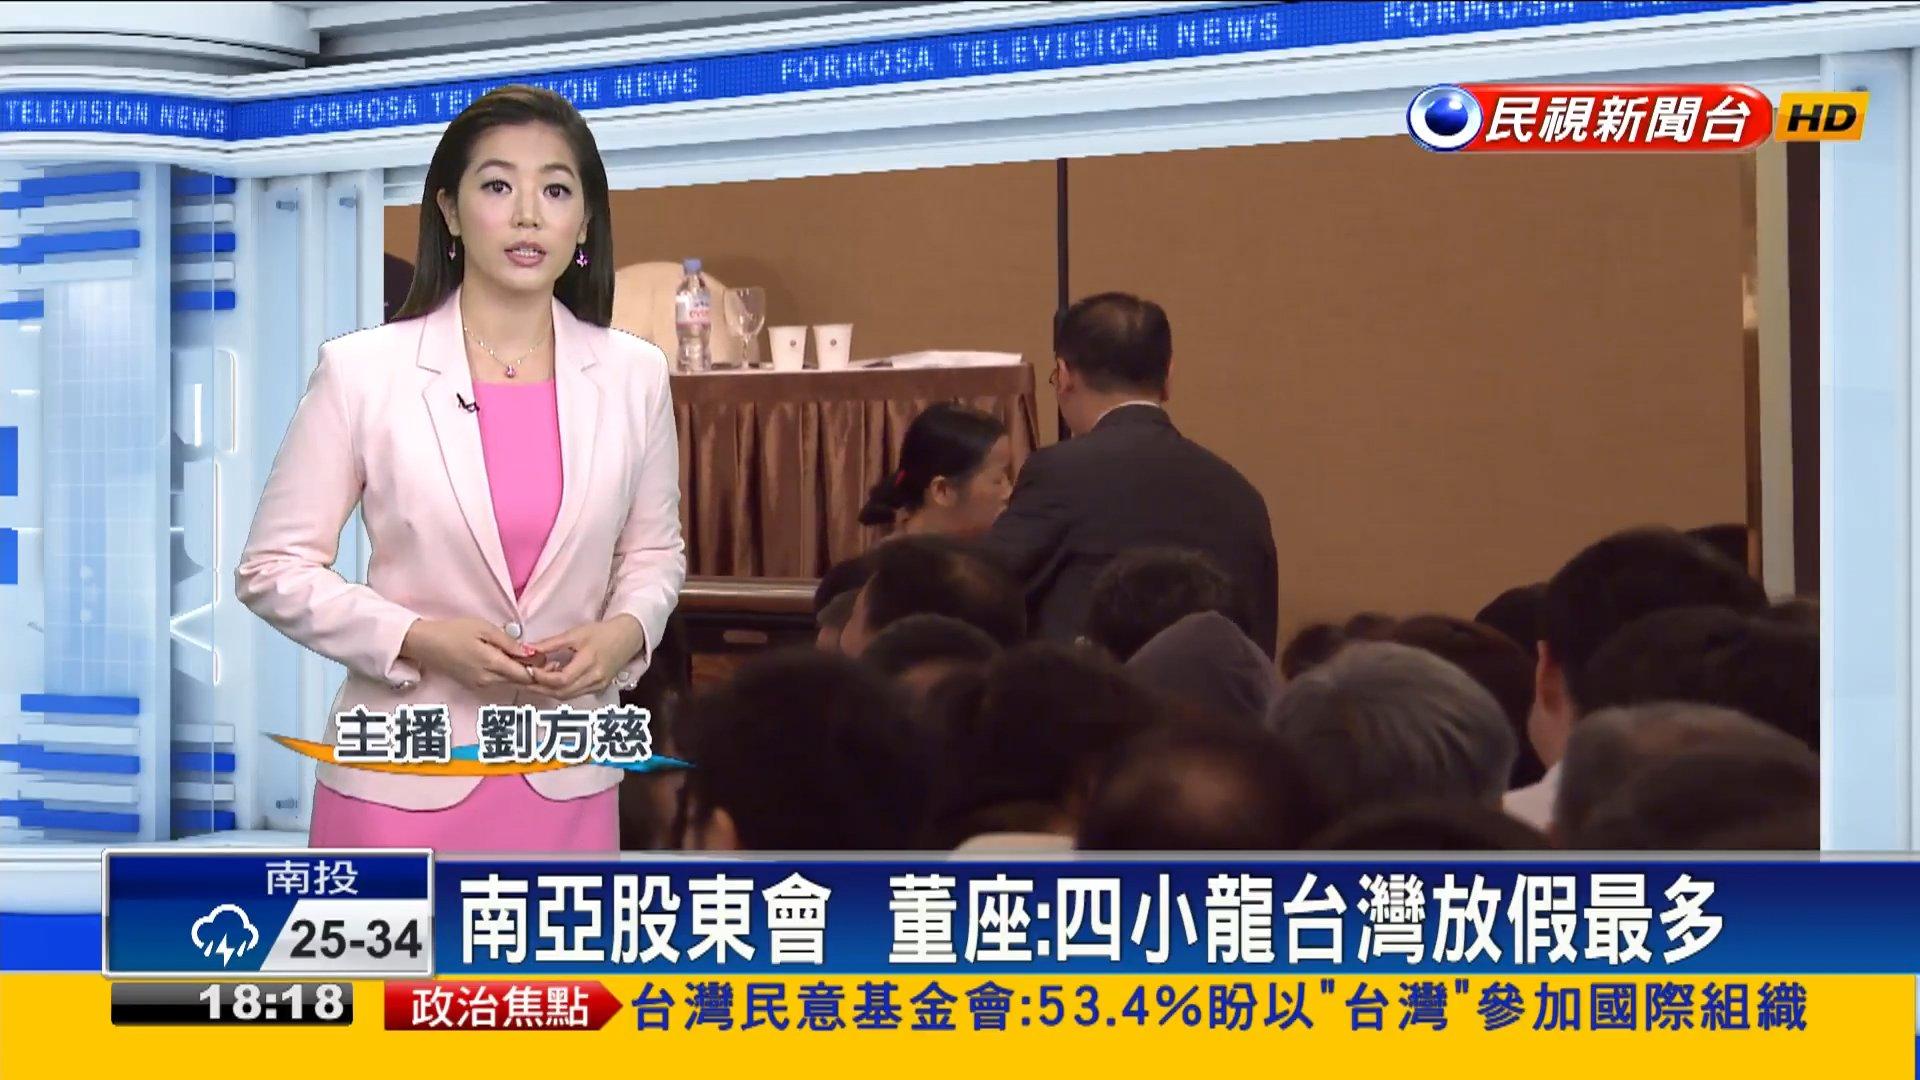 民視 Twitter: 原來生活是這樣: 2016.06.23 民視主播 劉方慈